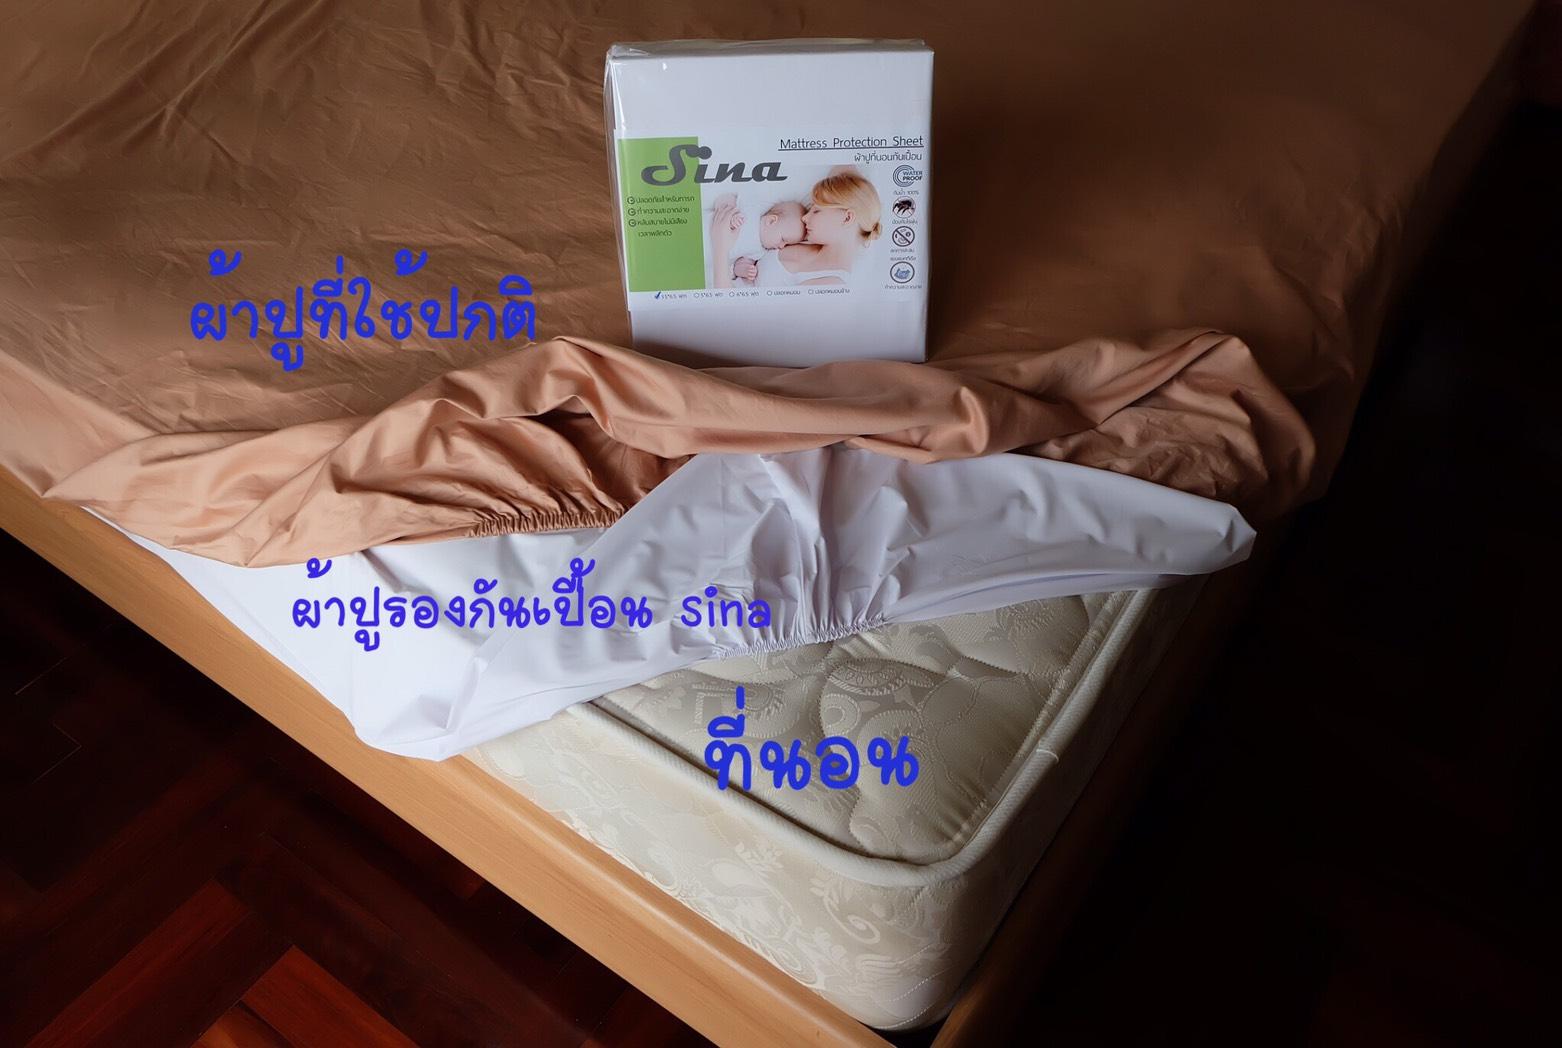 วิธีการใช้ ผ้าปูที่นอนกันน้ำกันไรฝุ่น